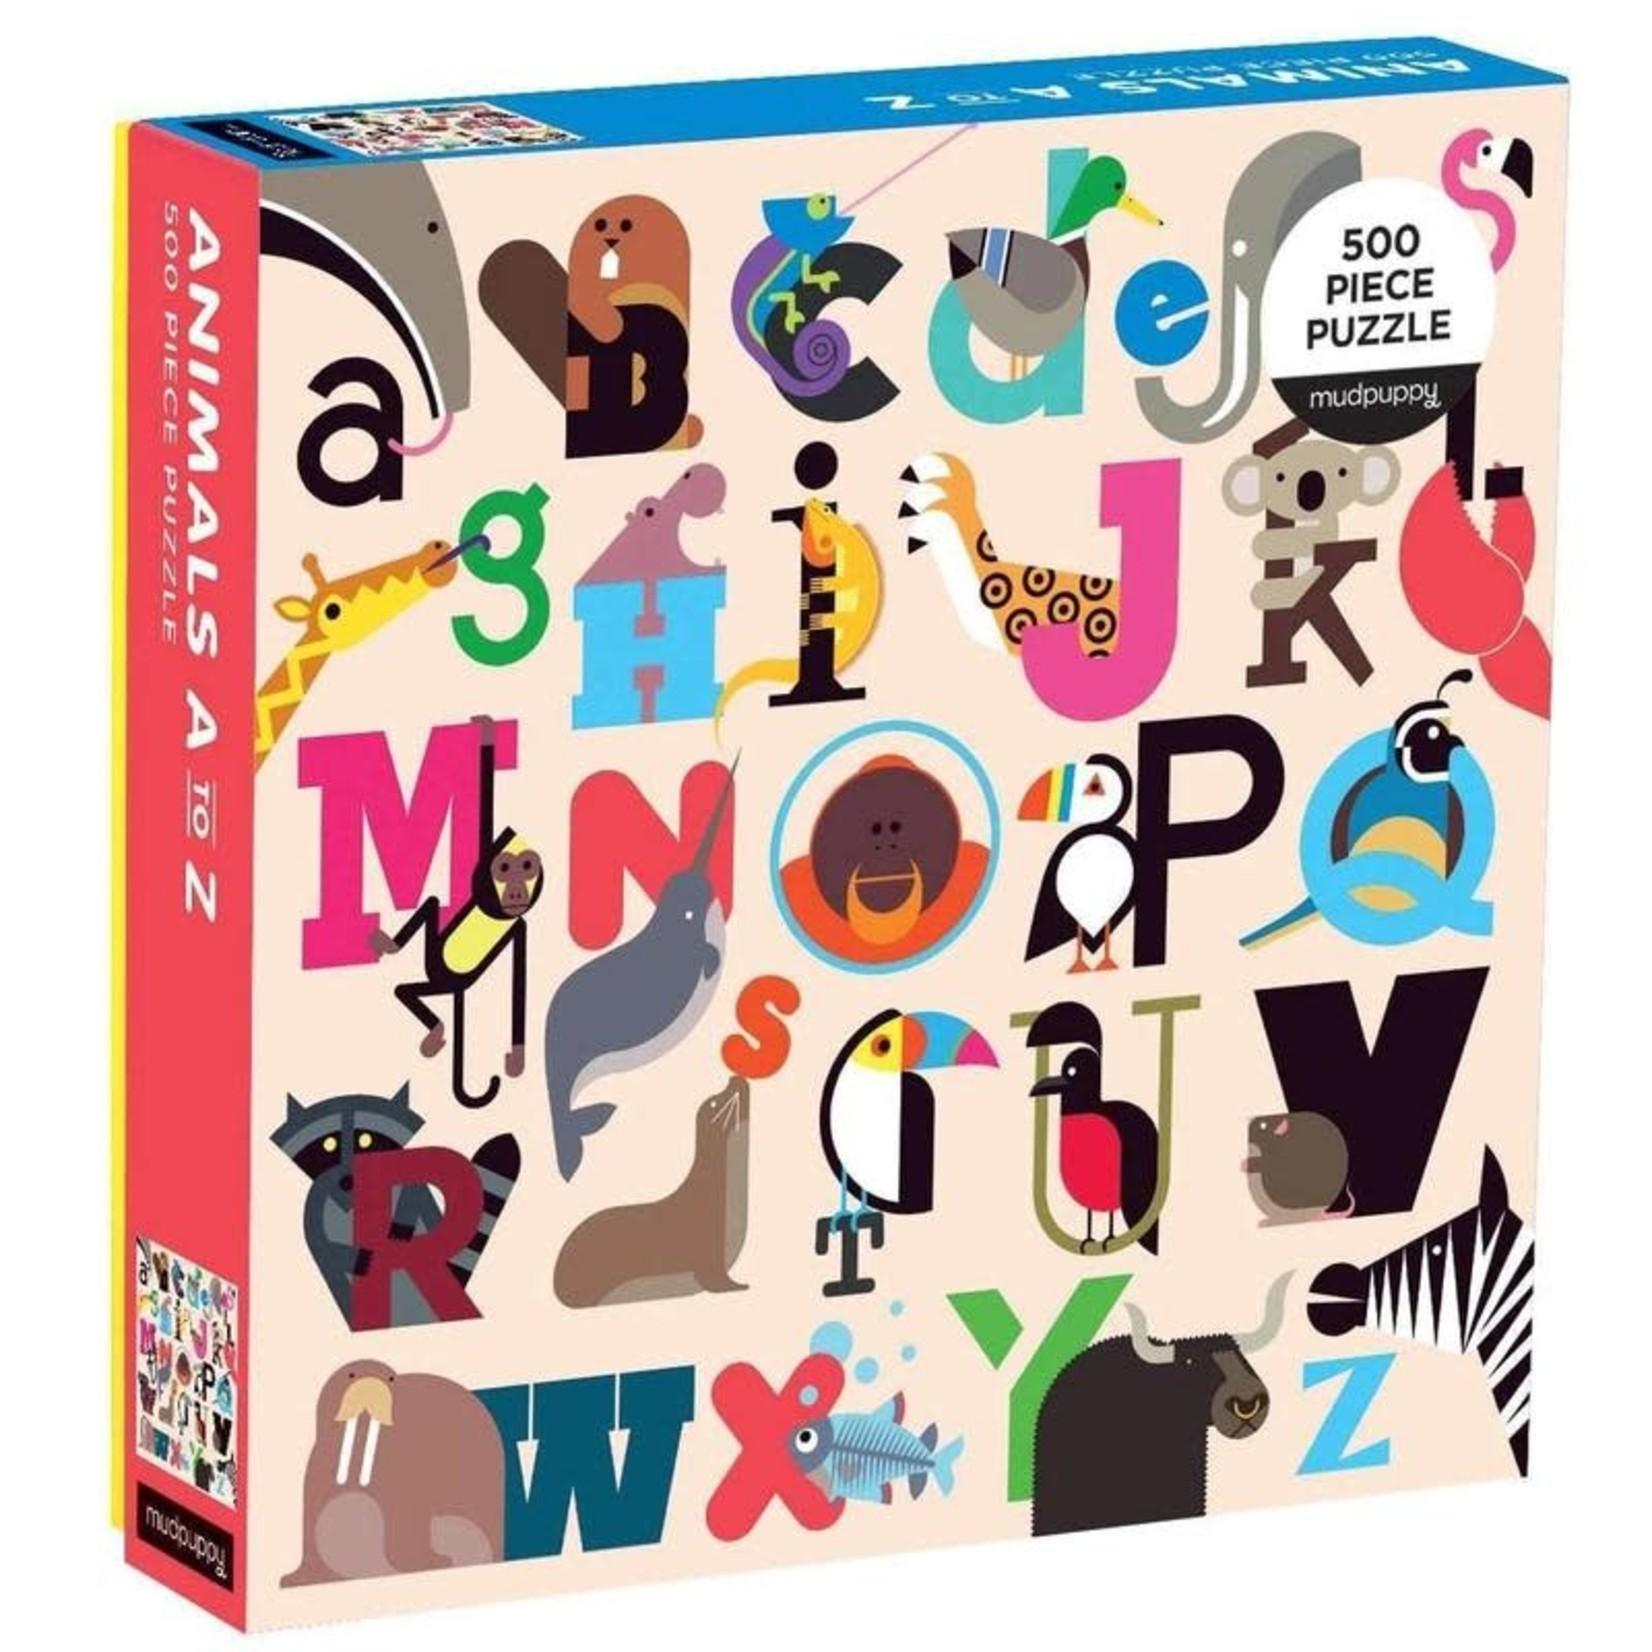 Mudpuppy Mudpuppy - 500 Piece Puzzle: Animals A-Z